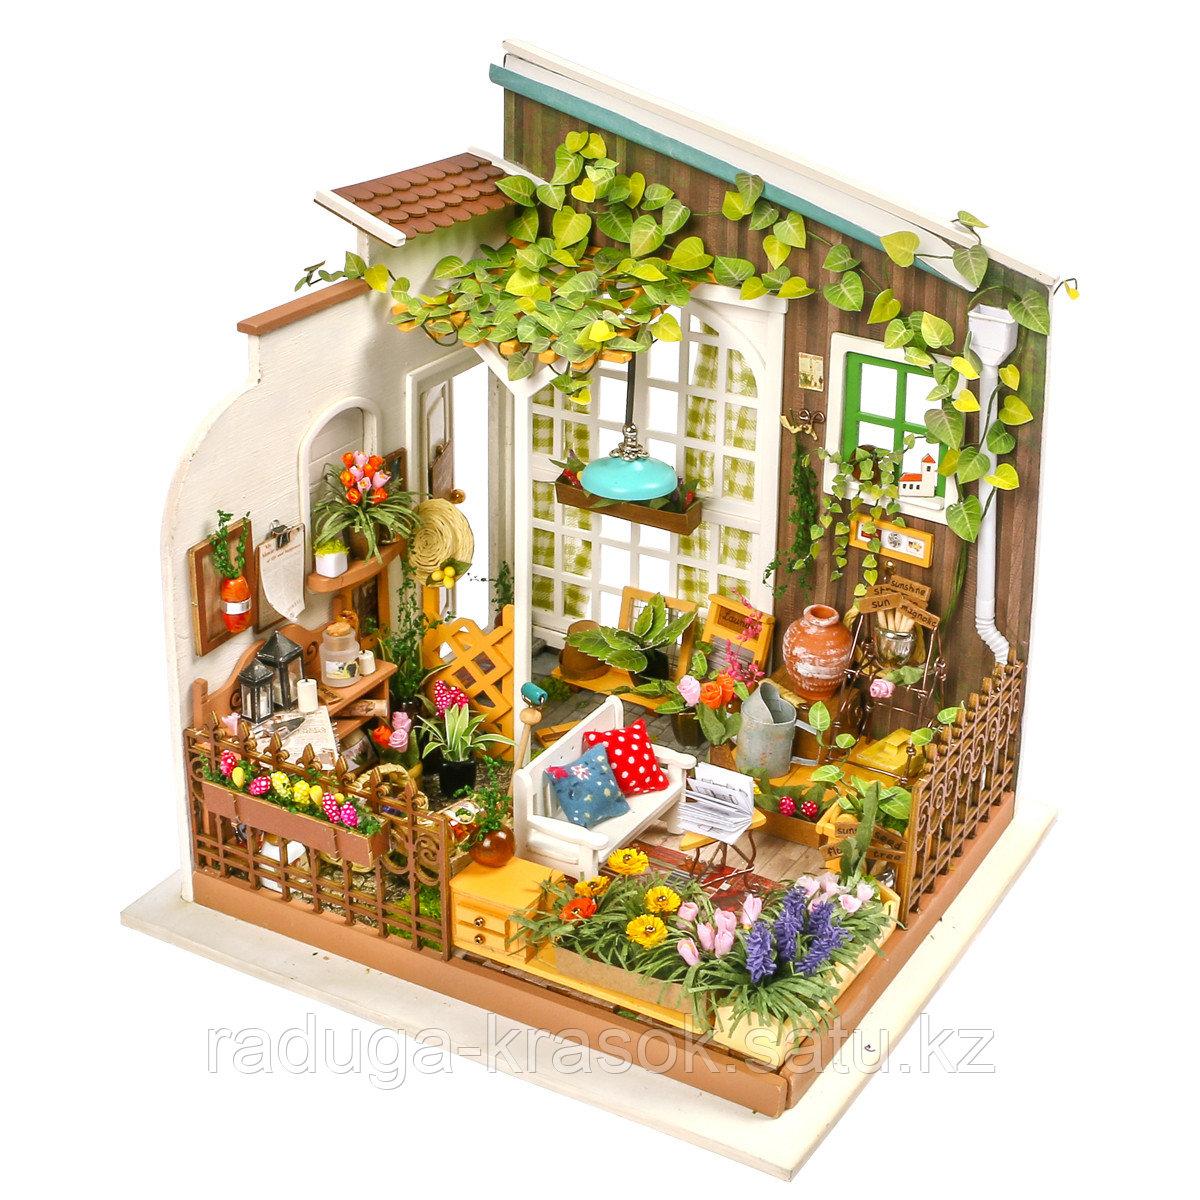 Развивающий интерьерный конструктор Diy House  Сад